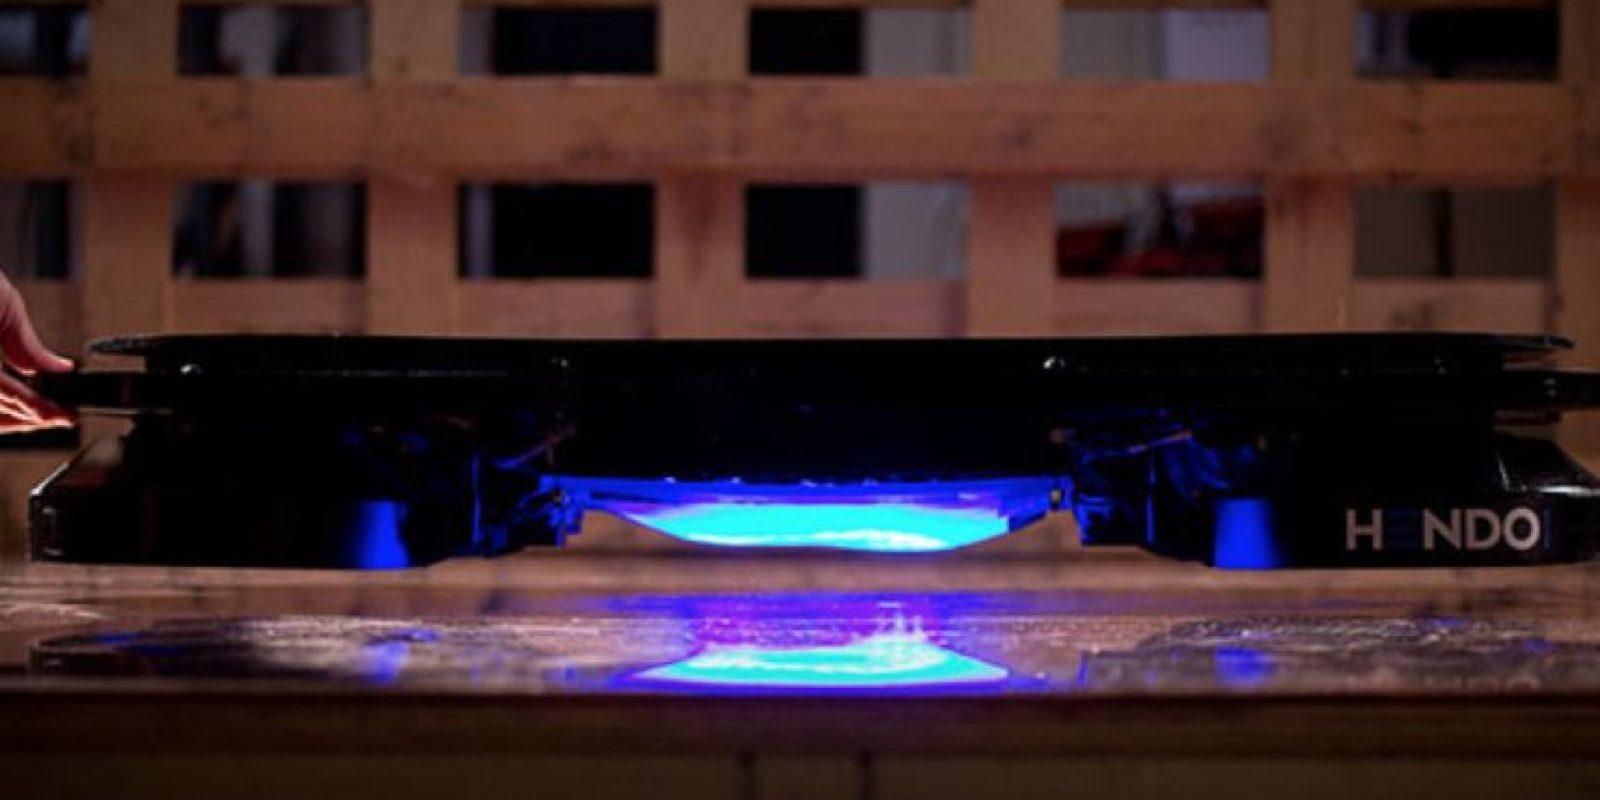 Hoverboard se separa a una pulgada del suelo. Foto:Hendo Hover